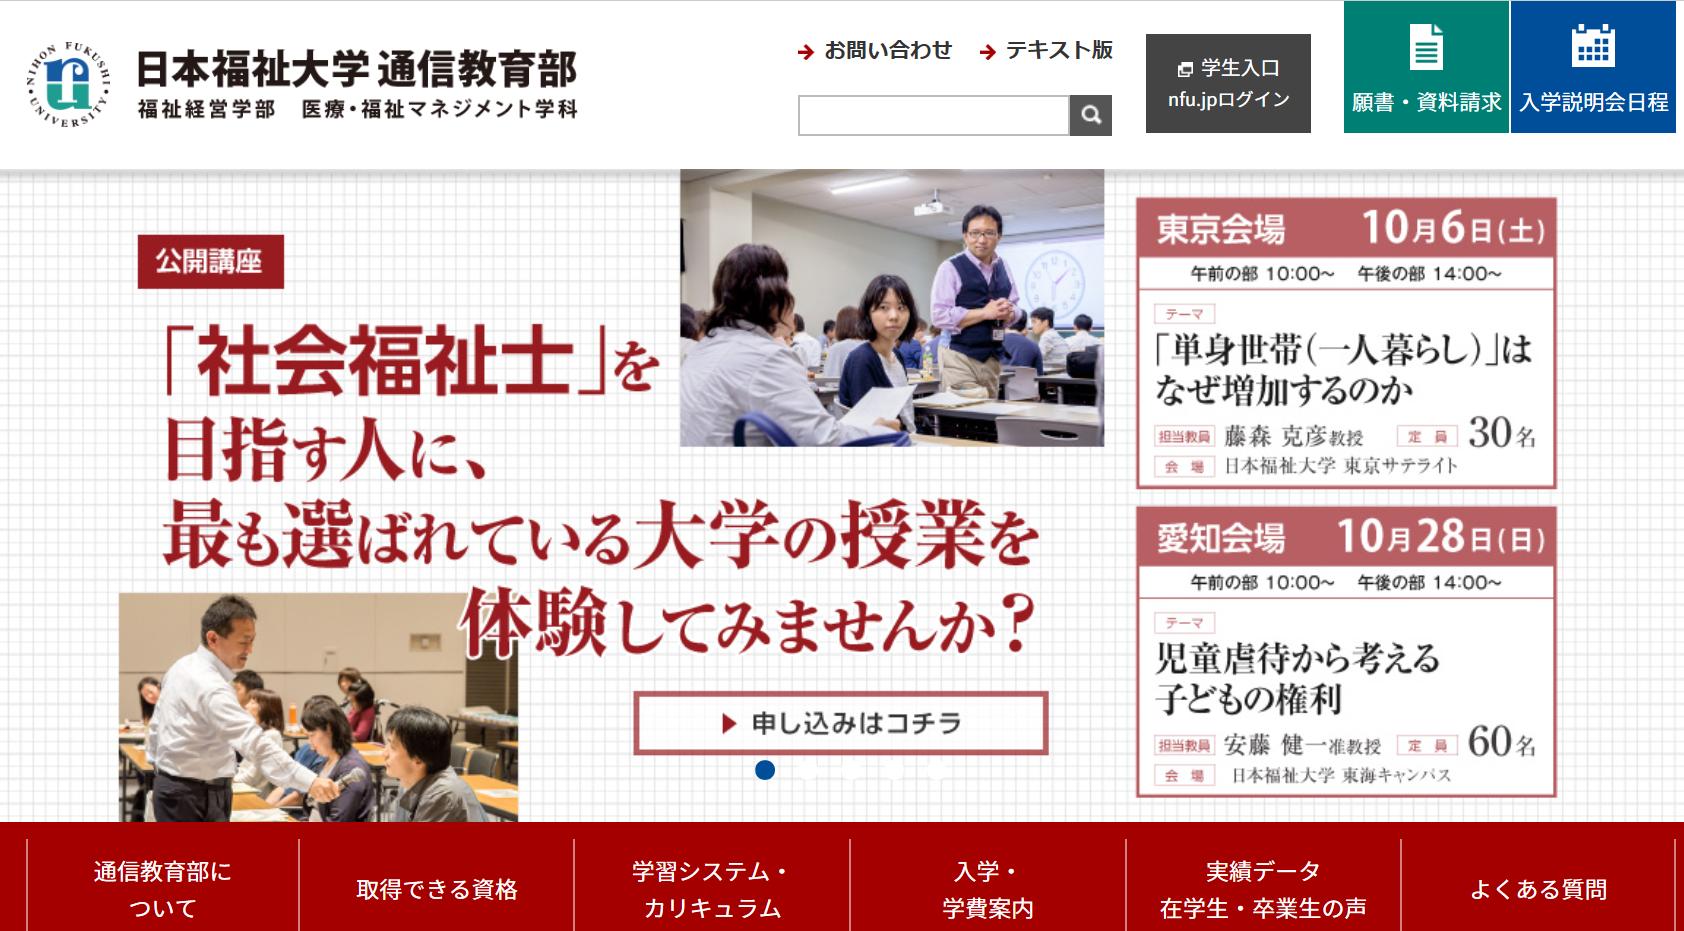 日本福祉大学の評判・口コミ【福祉経営学部編】